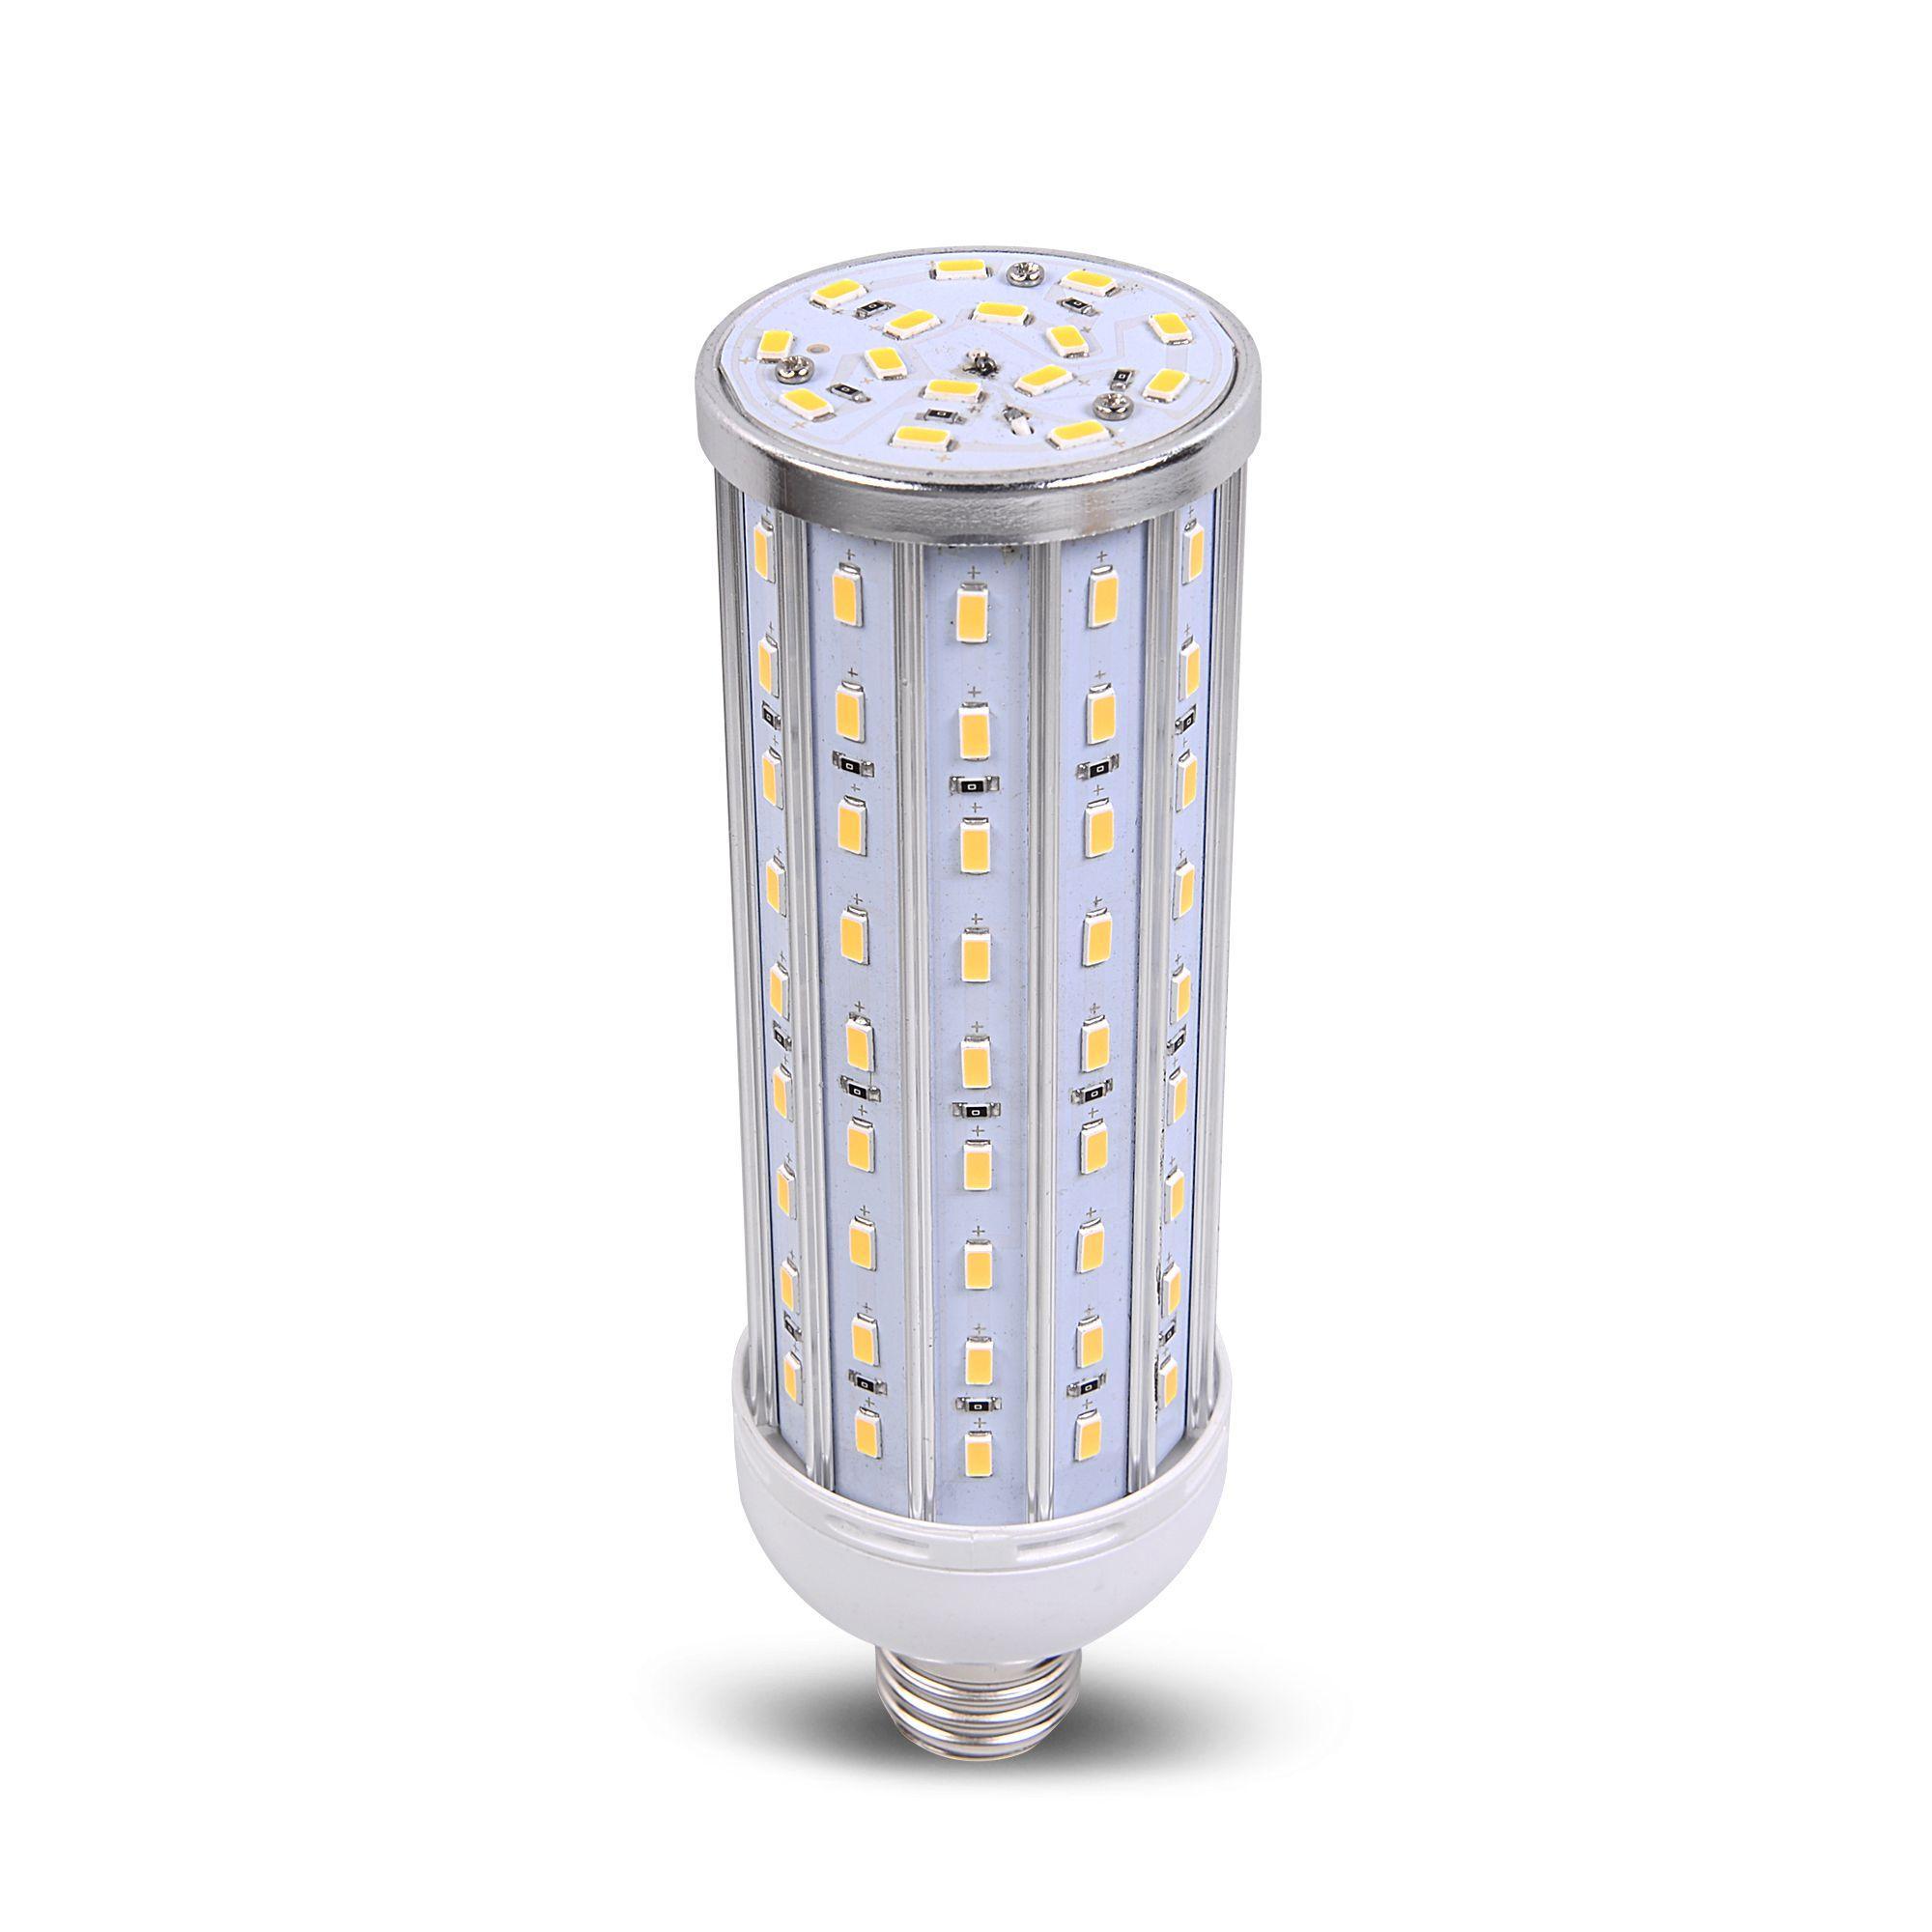 33w 123x 5730 Led Screw Light Bulb Wide Range 12v 60v Flexible Voltage Light Bulb Bulb Incandescent Light Bulb